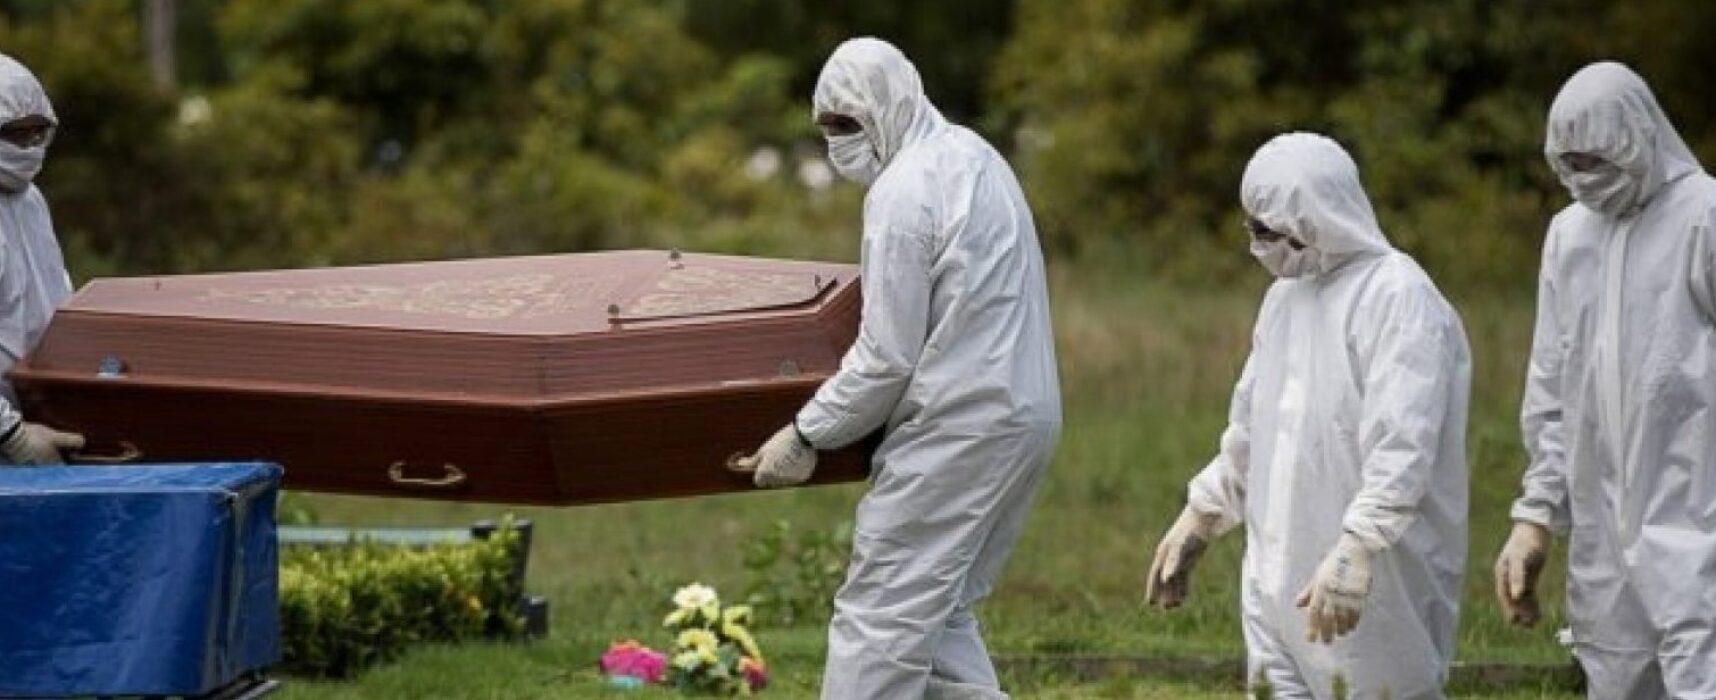 Mundo chega a 3 milhões de mortes por Covid-19